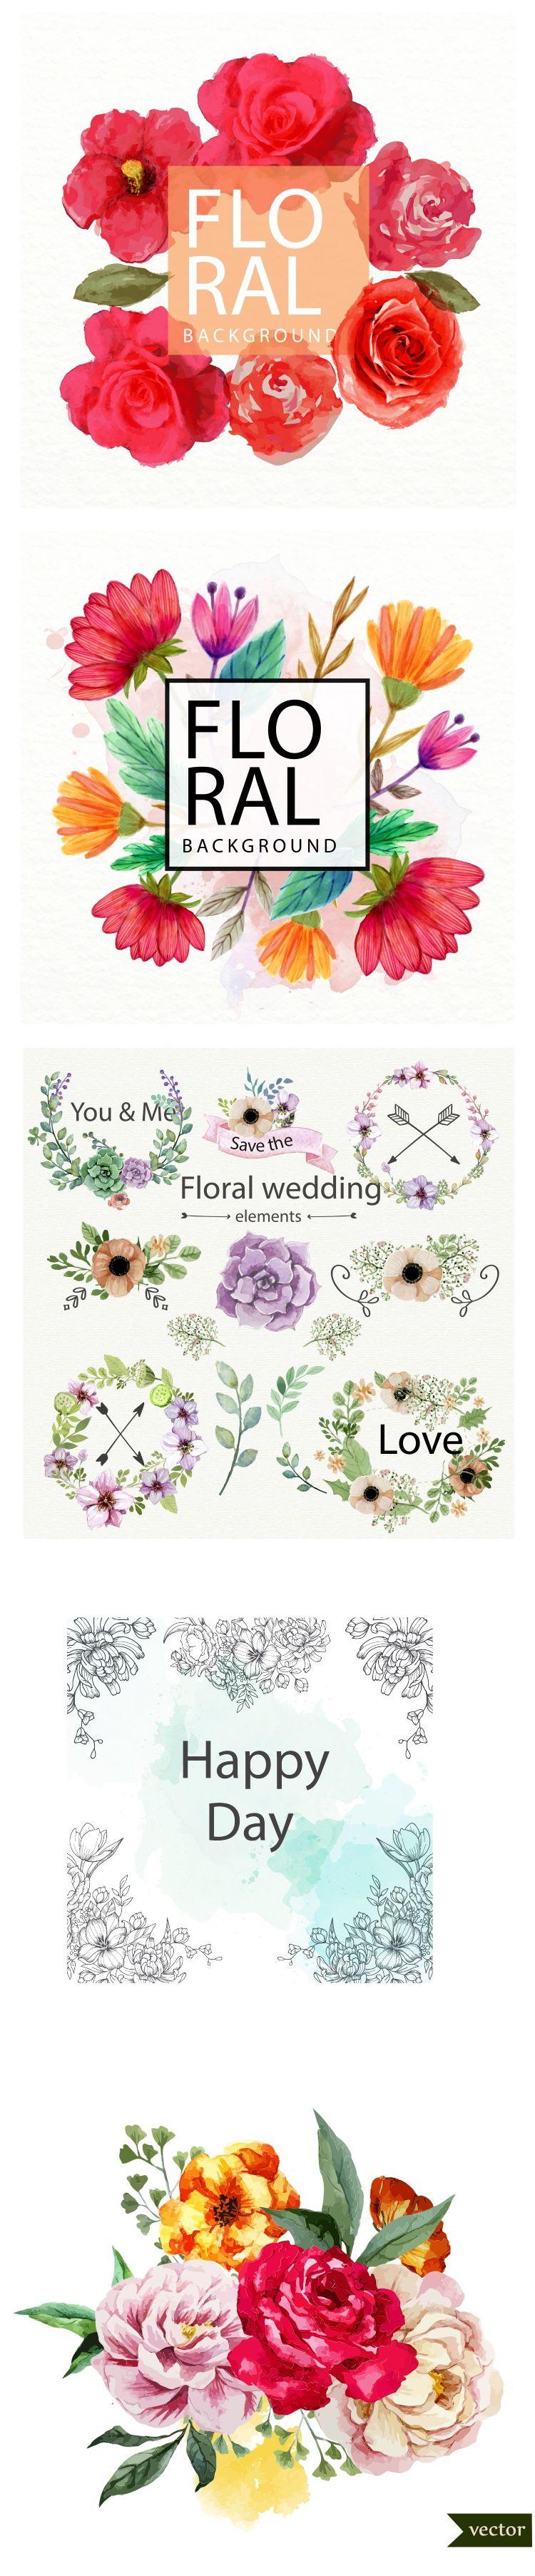 手绘花卉繁花彩色花丛薇拉分层设计PSD背景模版英文艺术字体海报